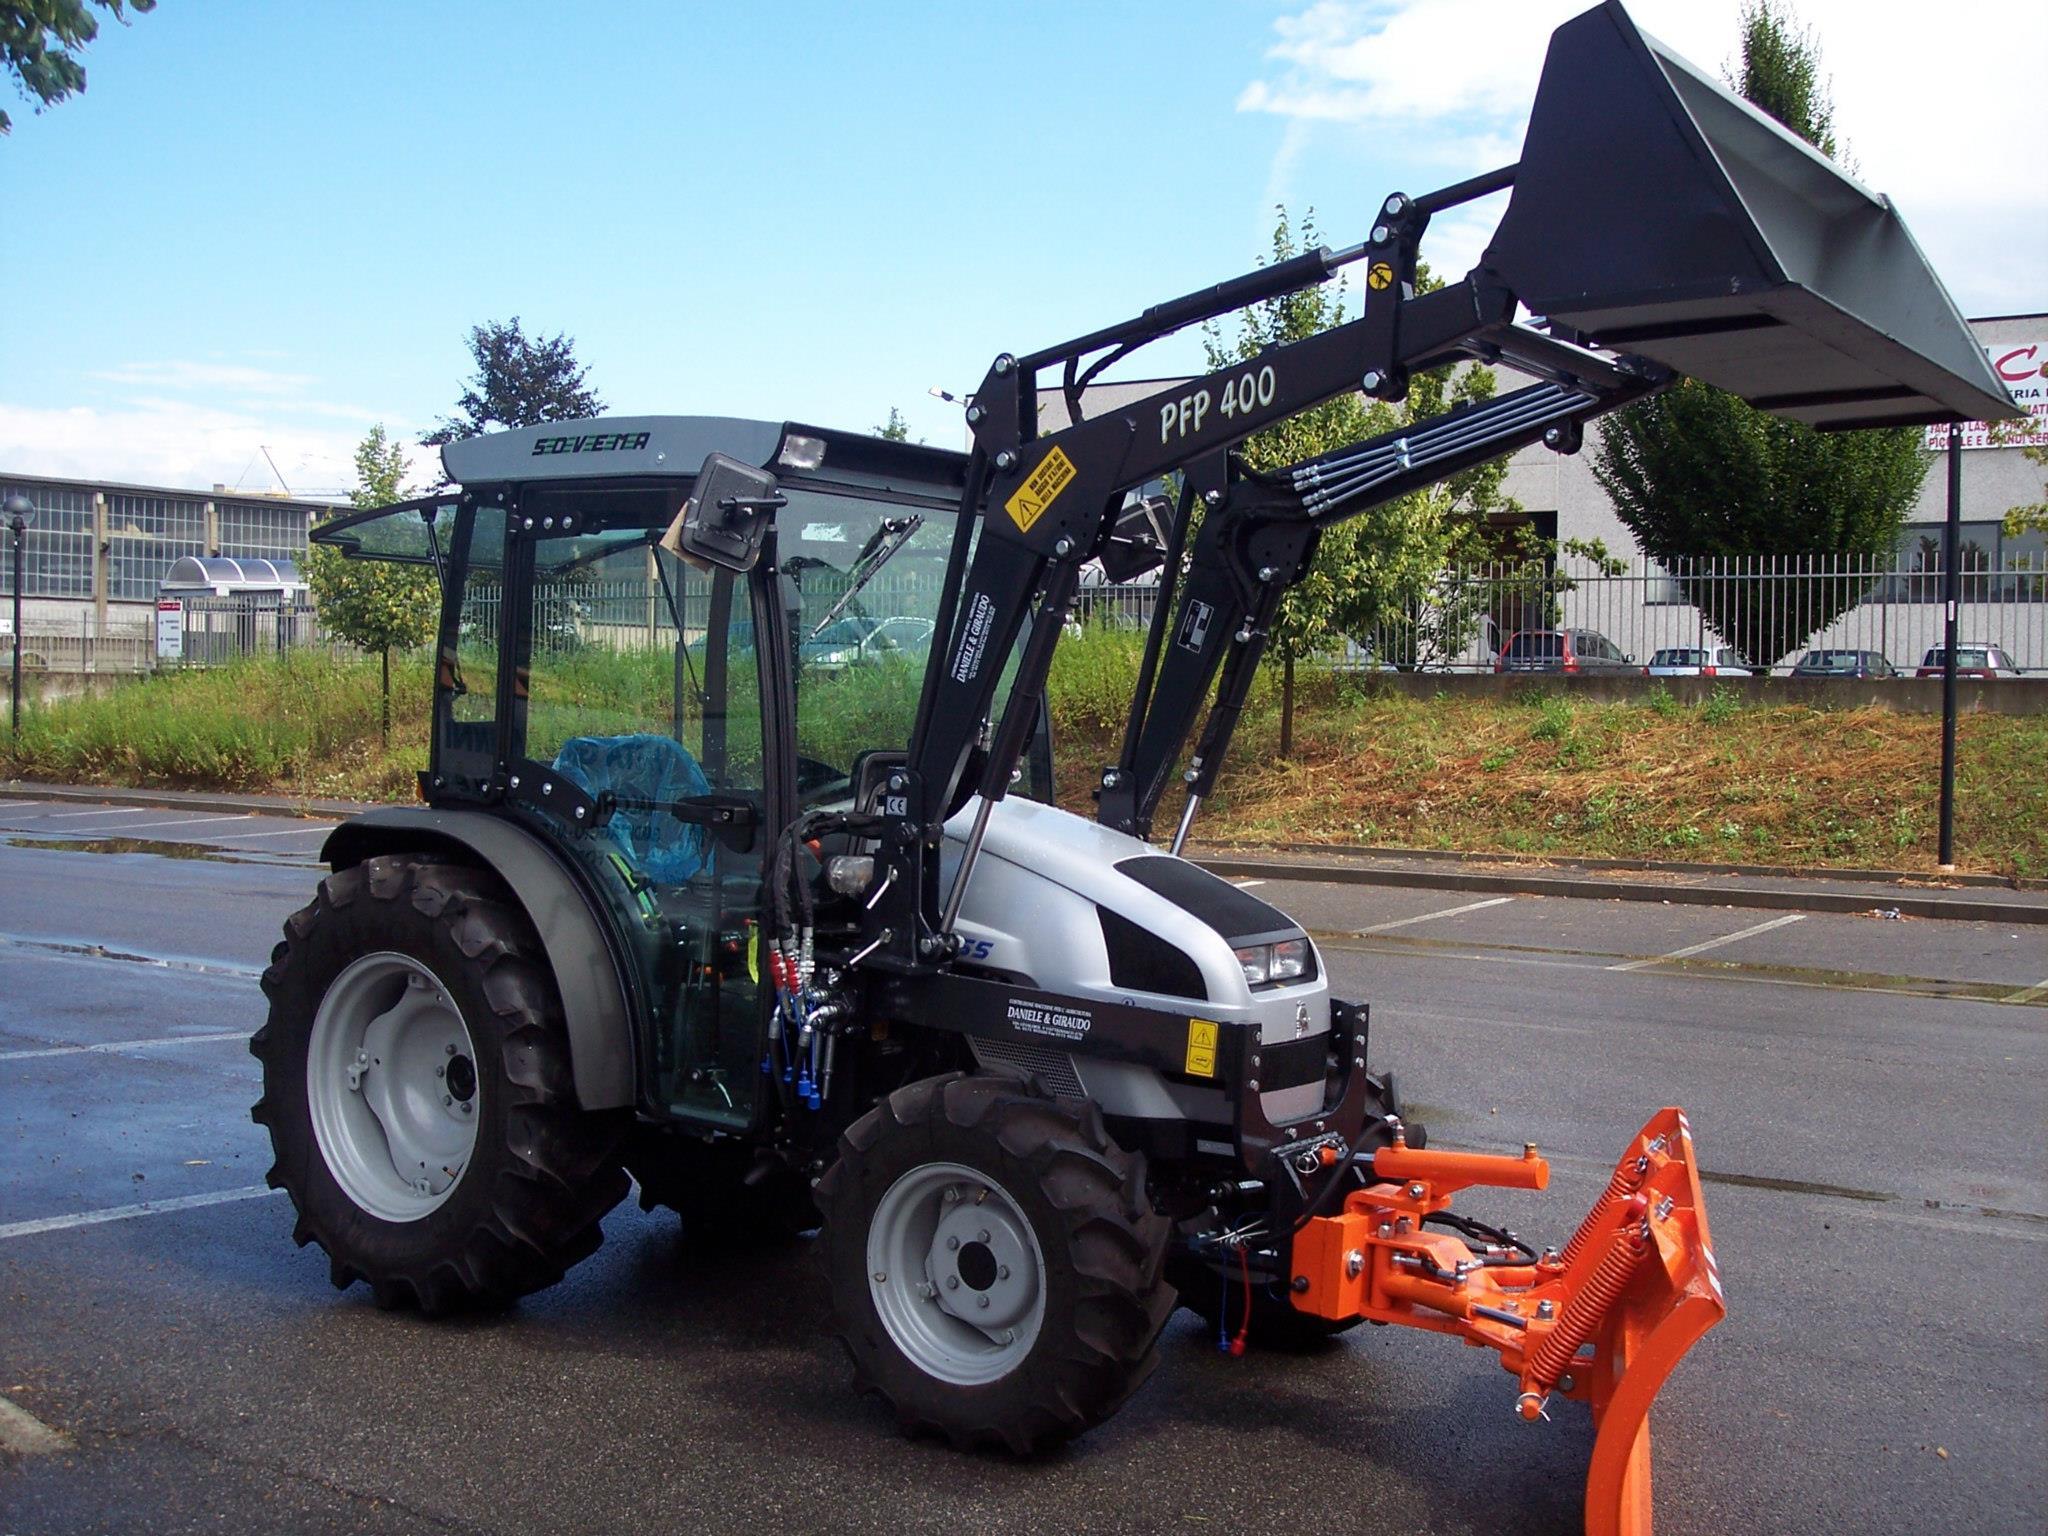 Pasta macchine agricole attrezzature agricole for Vigolo macchine agricole